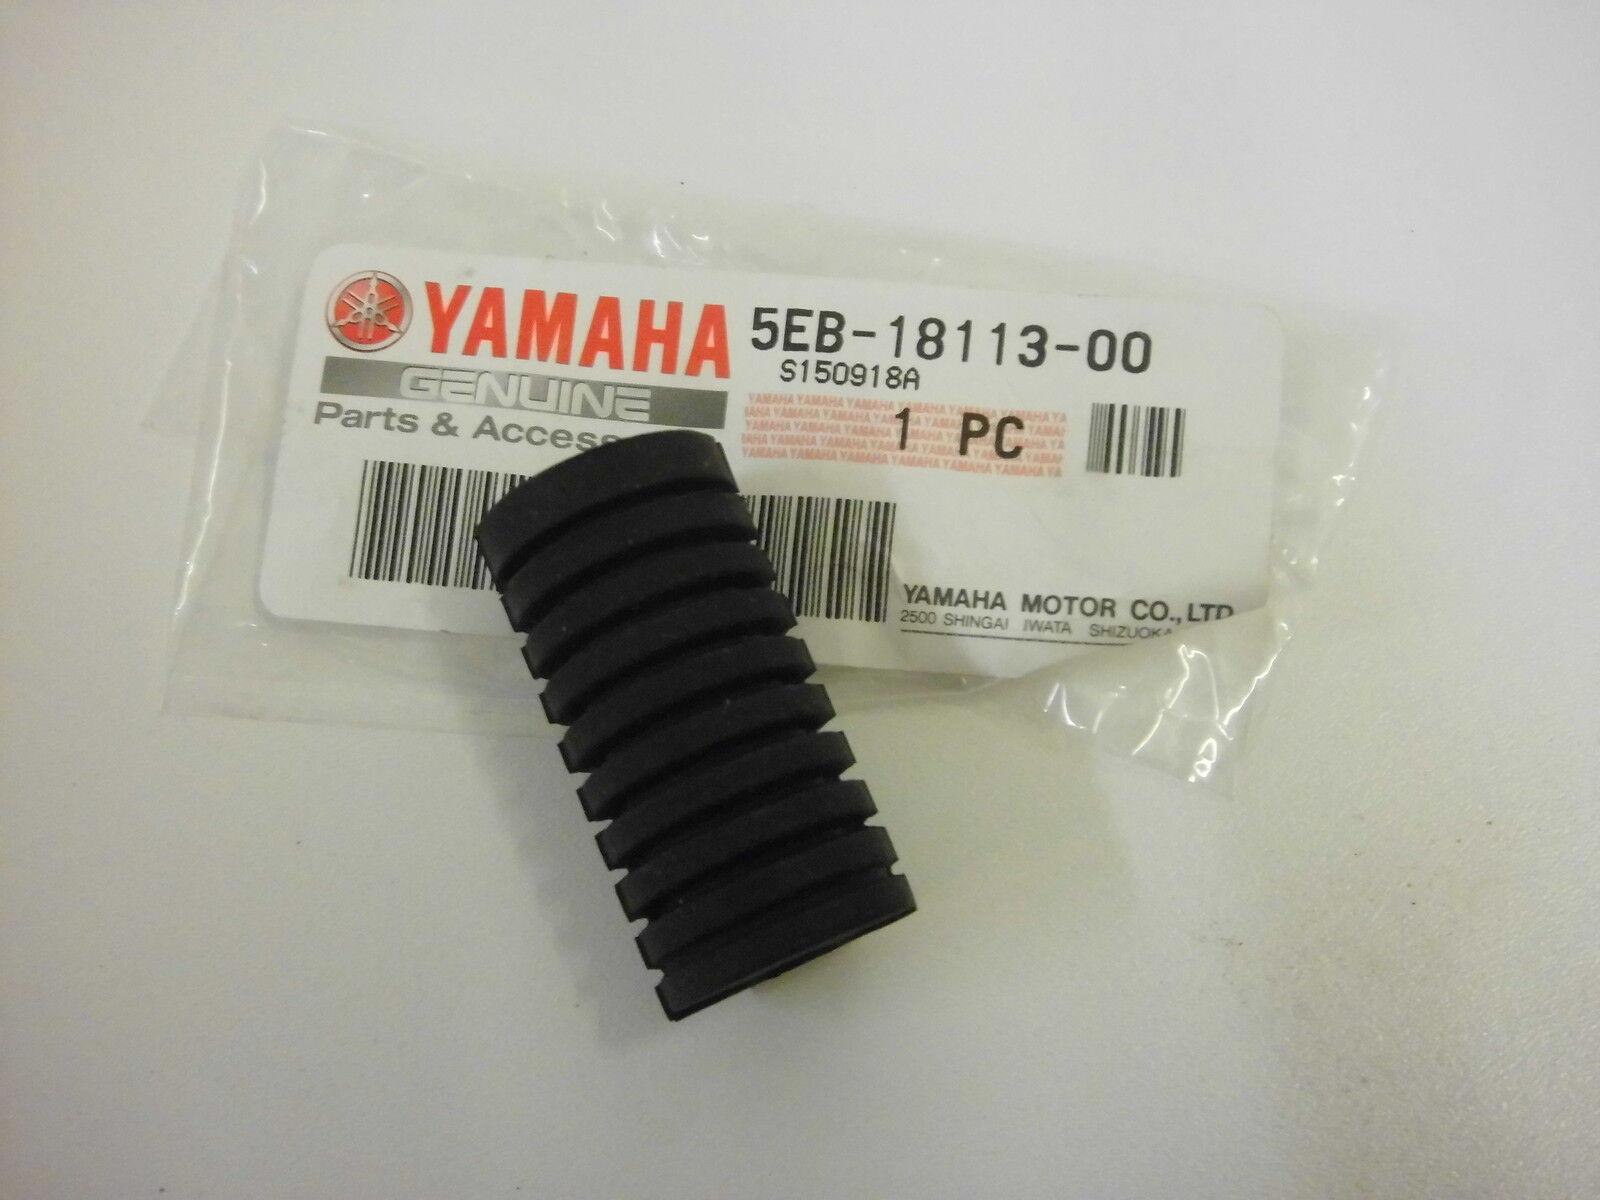 original Bremspedal Bremshebel Bremse hinten mit Gummi Yamaha YZFR 125 2008-2013